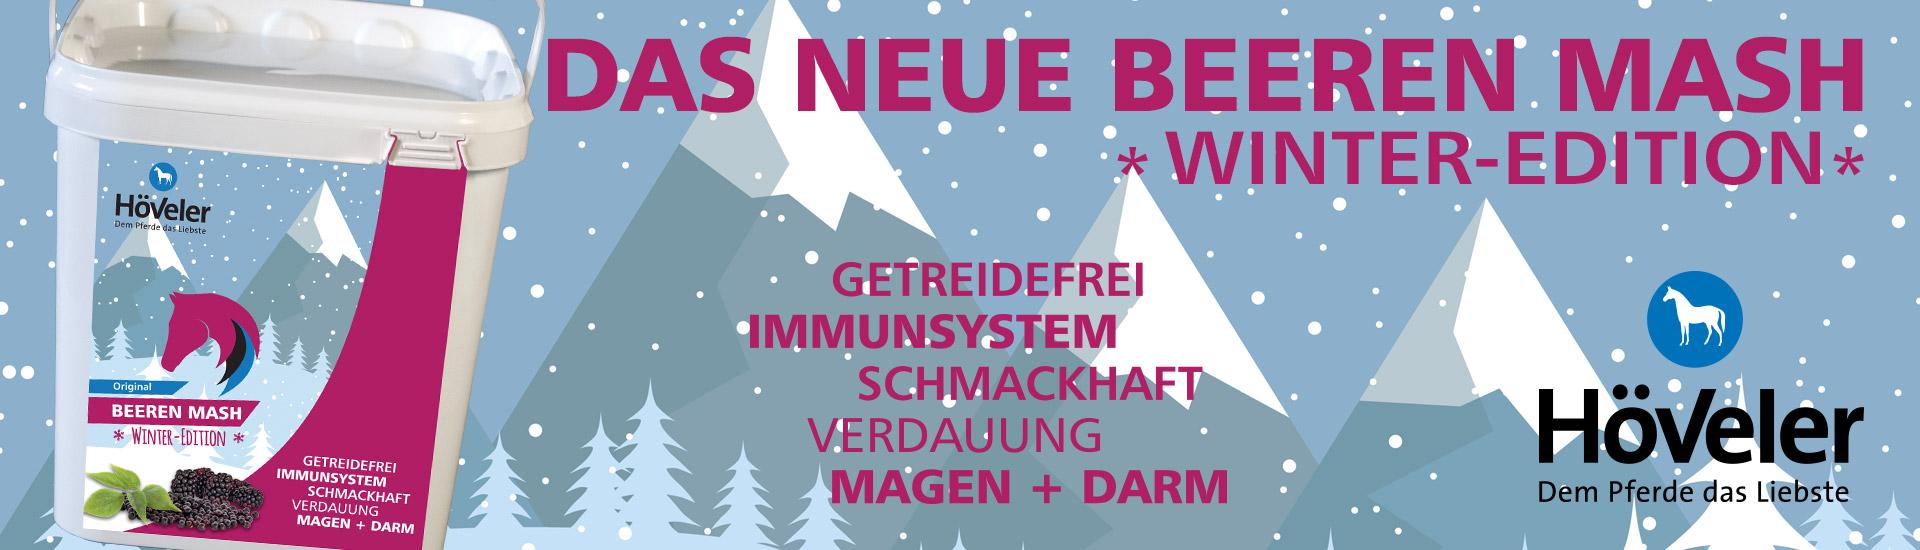 Beeren_Mash_Winter_Edition